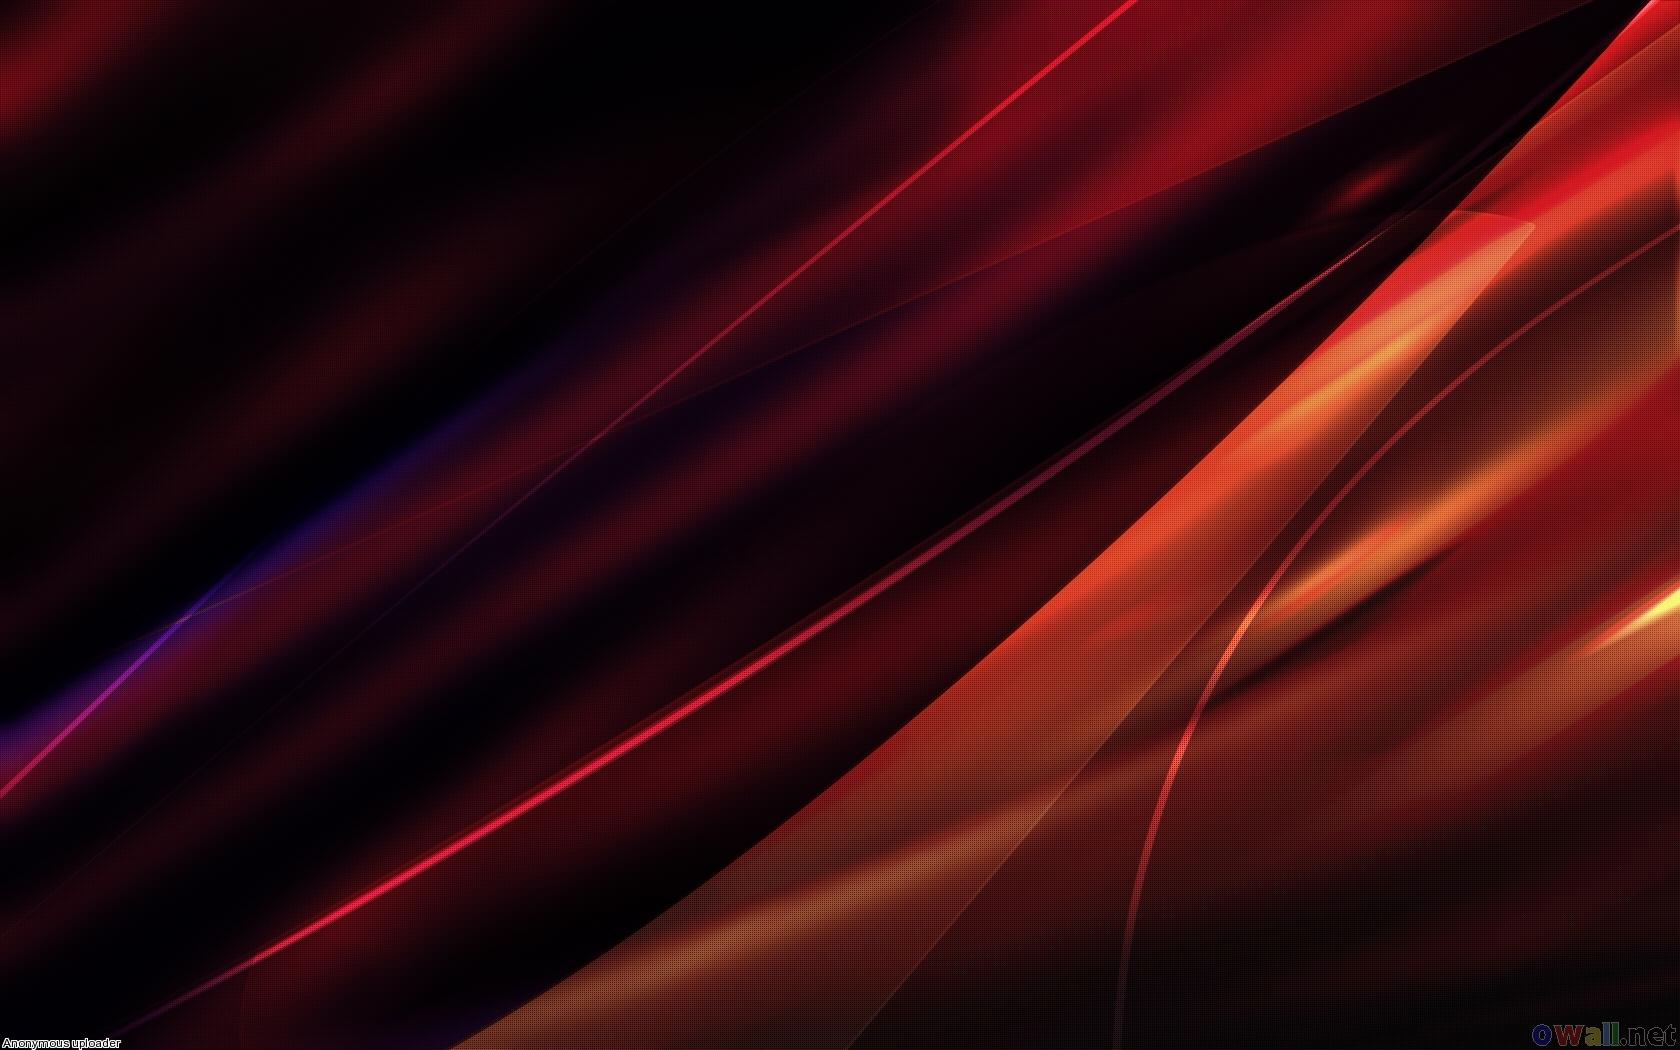 Dark Red Backgrounds - WallpaperSafari